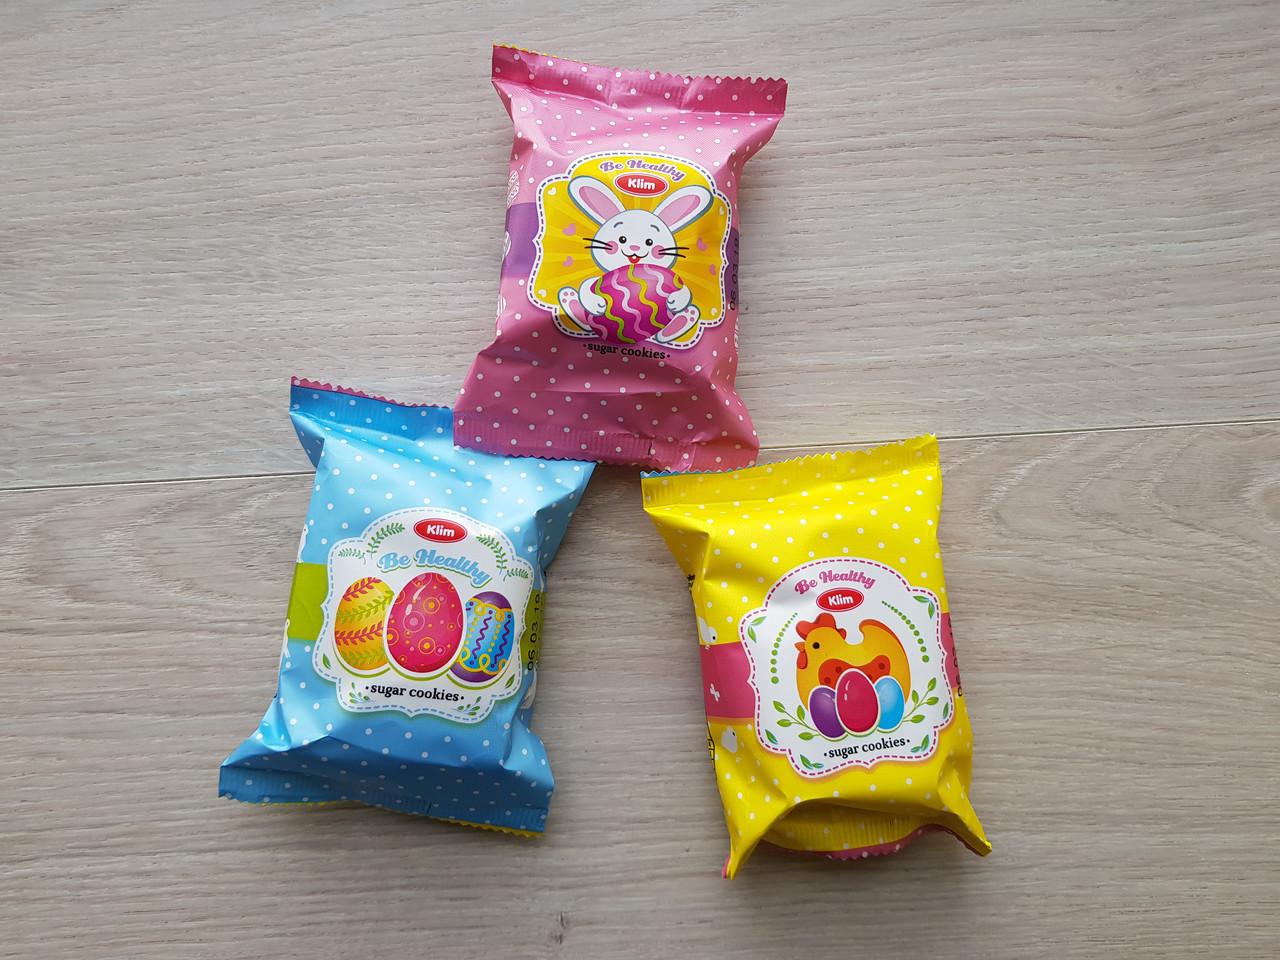 Печенье На здоровье Пасхальное 1 шт. ТМ Клим (Продаж поштучно)